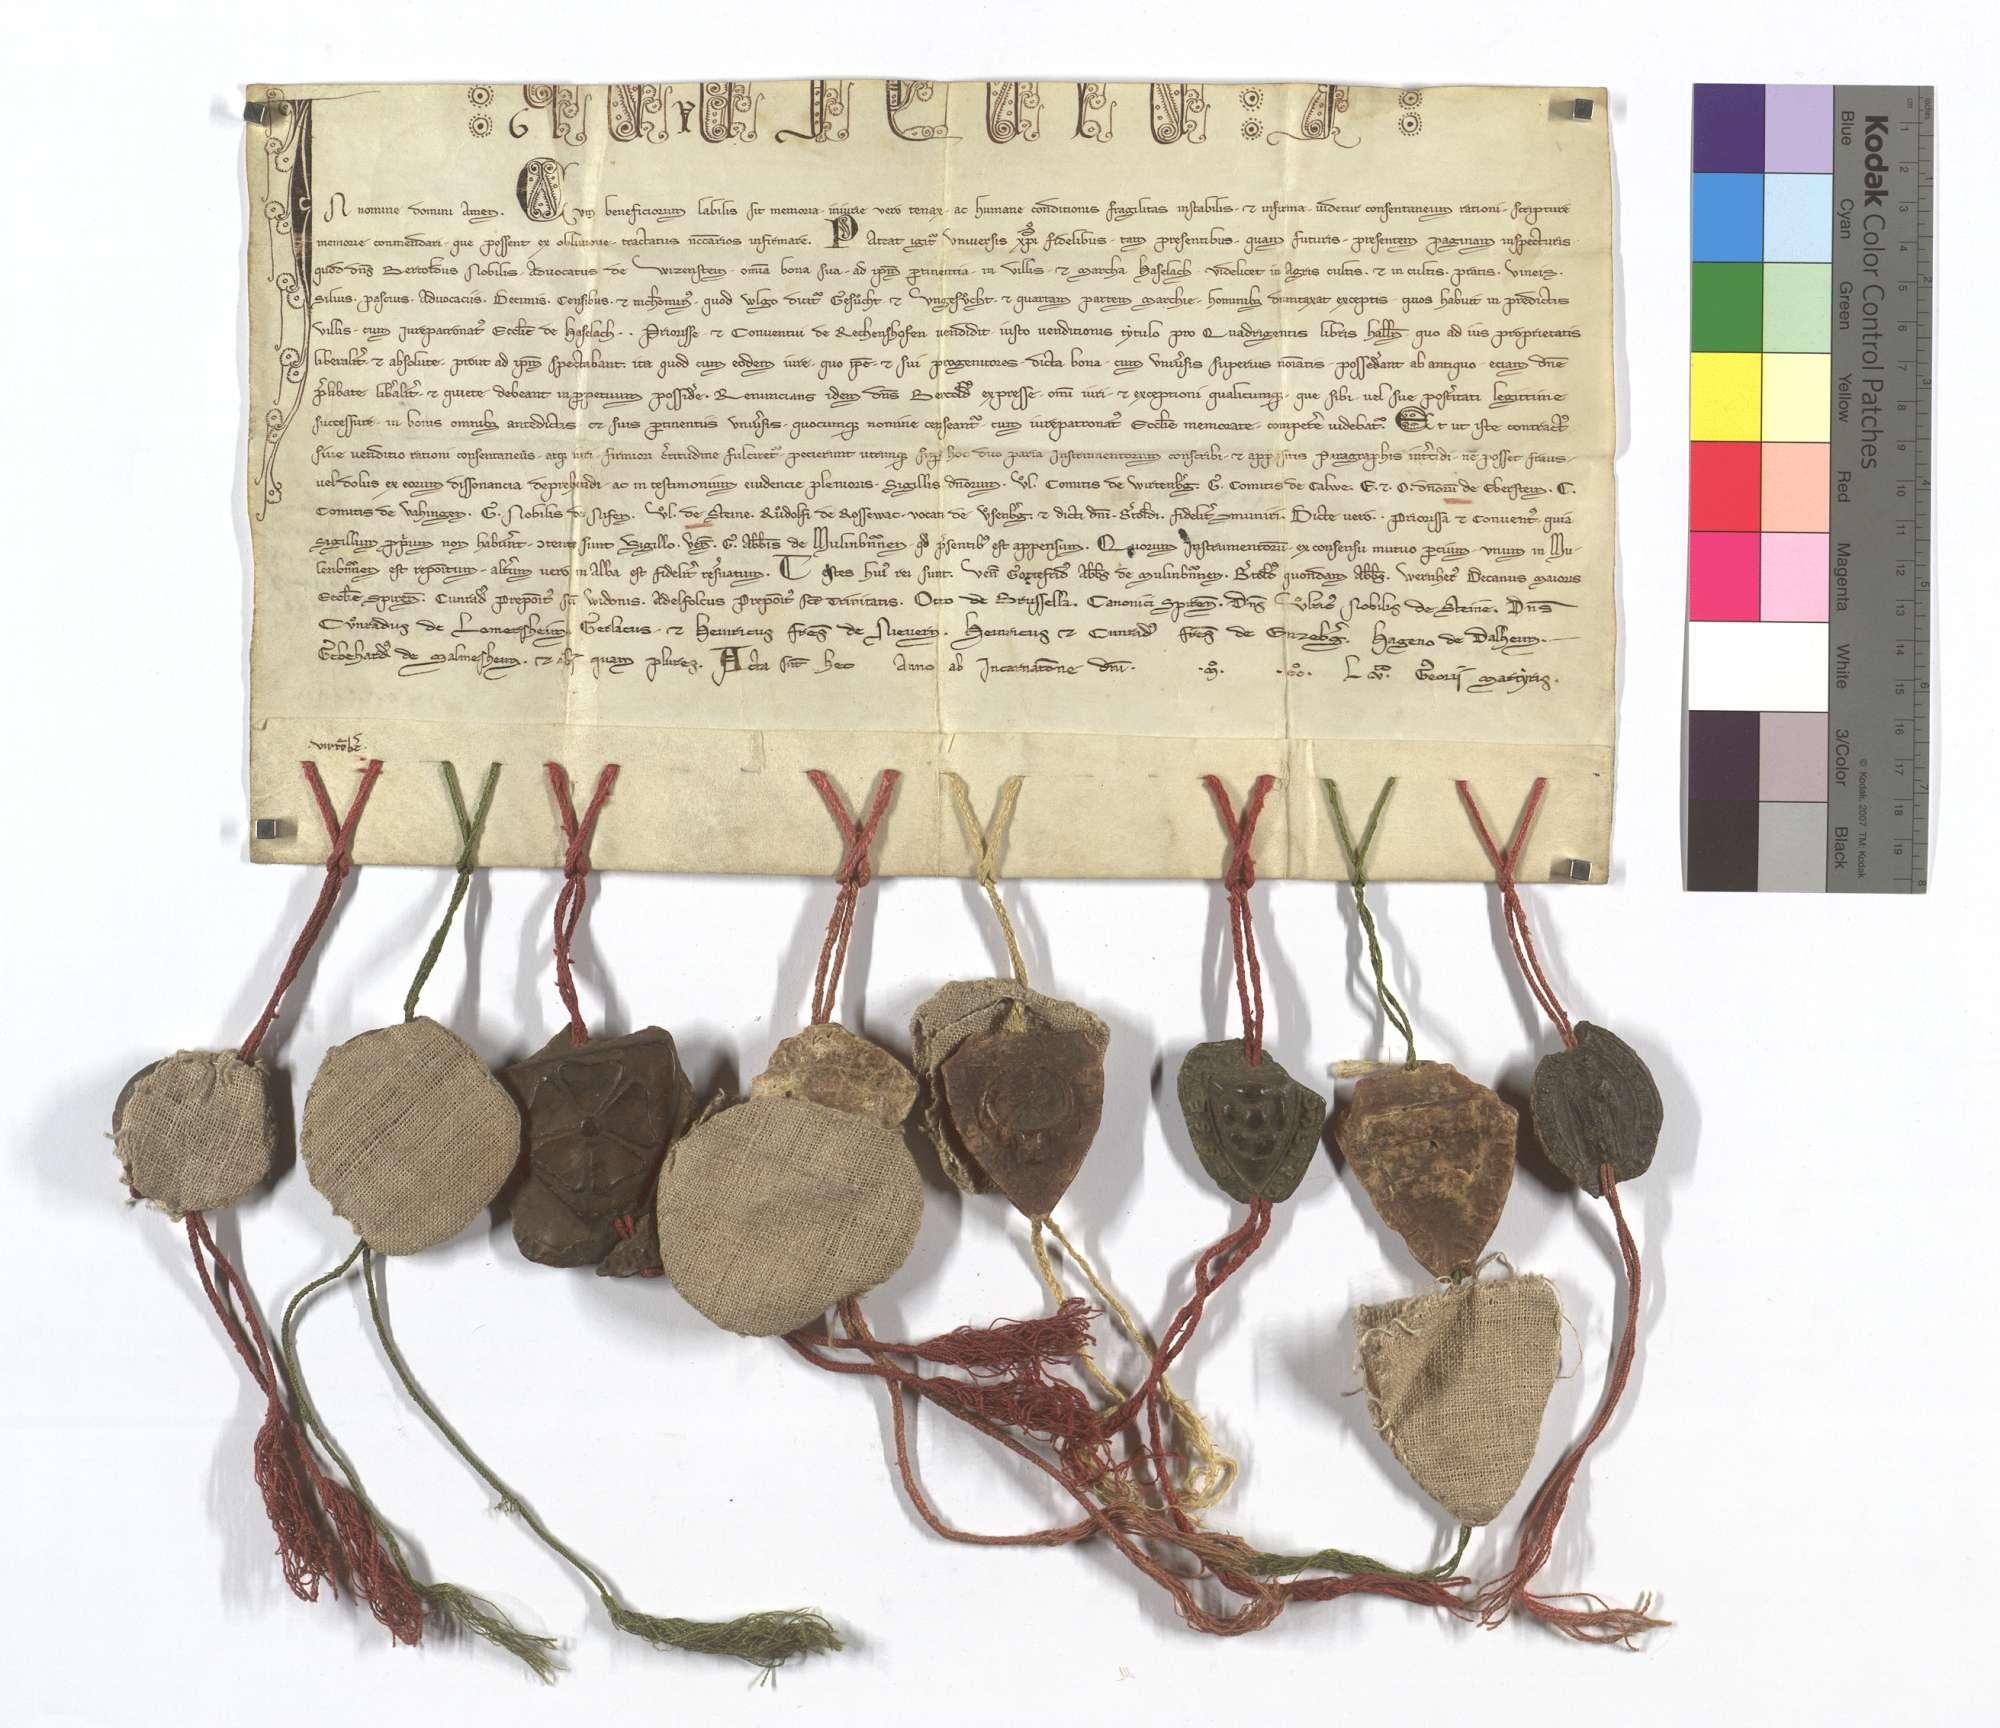 Vogt Berthold von Weißenstein verkauft an Priorin und Konvent von Rechentshofen alle seine Güter und Rechte in Dorf und Mark (Hohen-)Haslach, seine Eigenleute ausgenommen, samt dem dortigen Kirchenpatronat um 400 Pfund Heller., Text